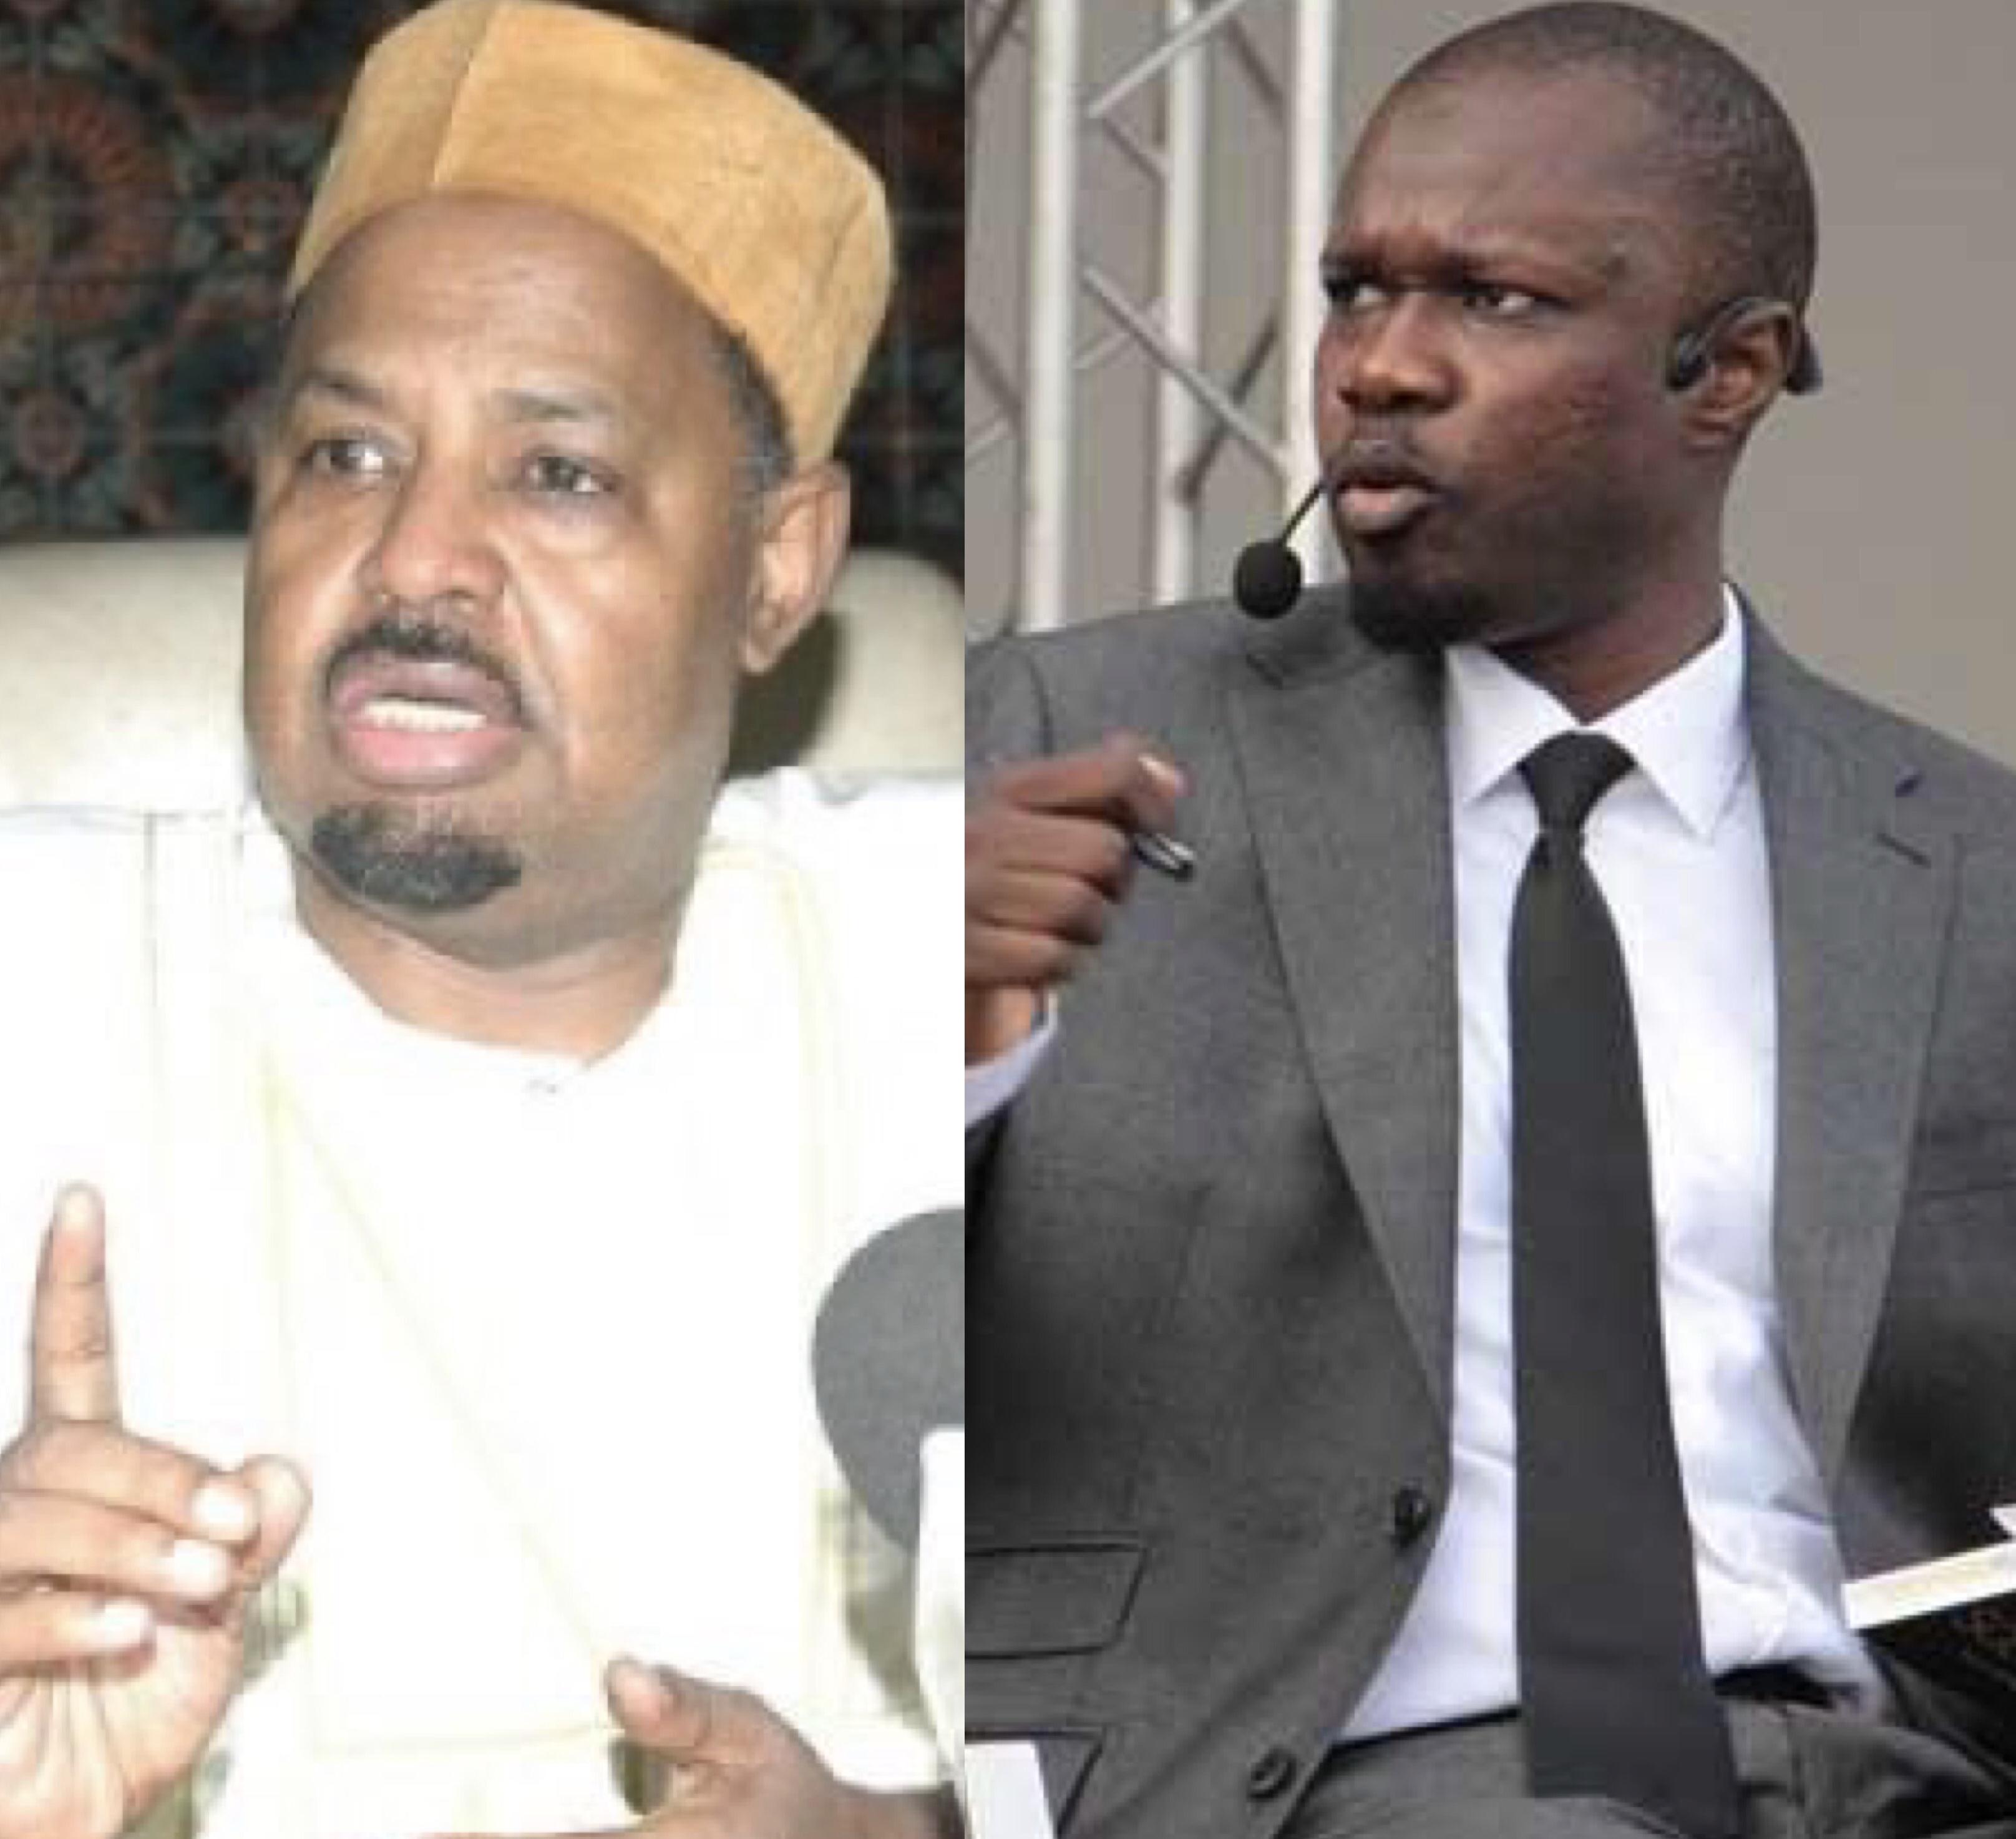 Une candidature de DAESH est inacceptable au Sénégal